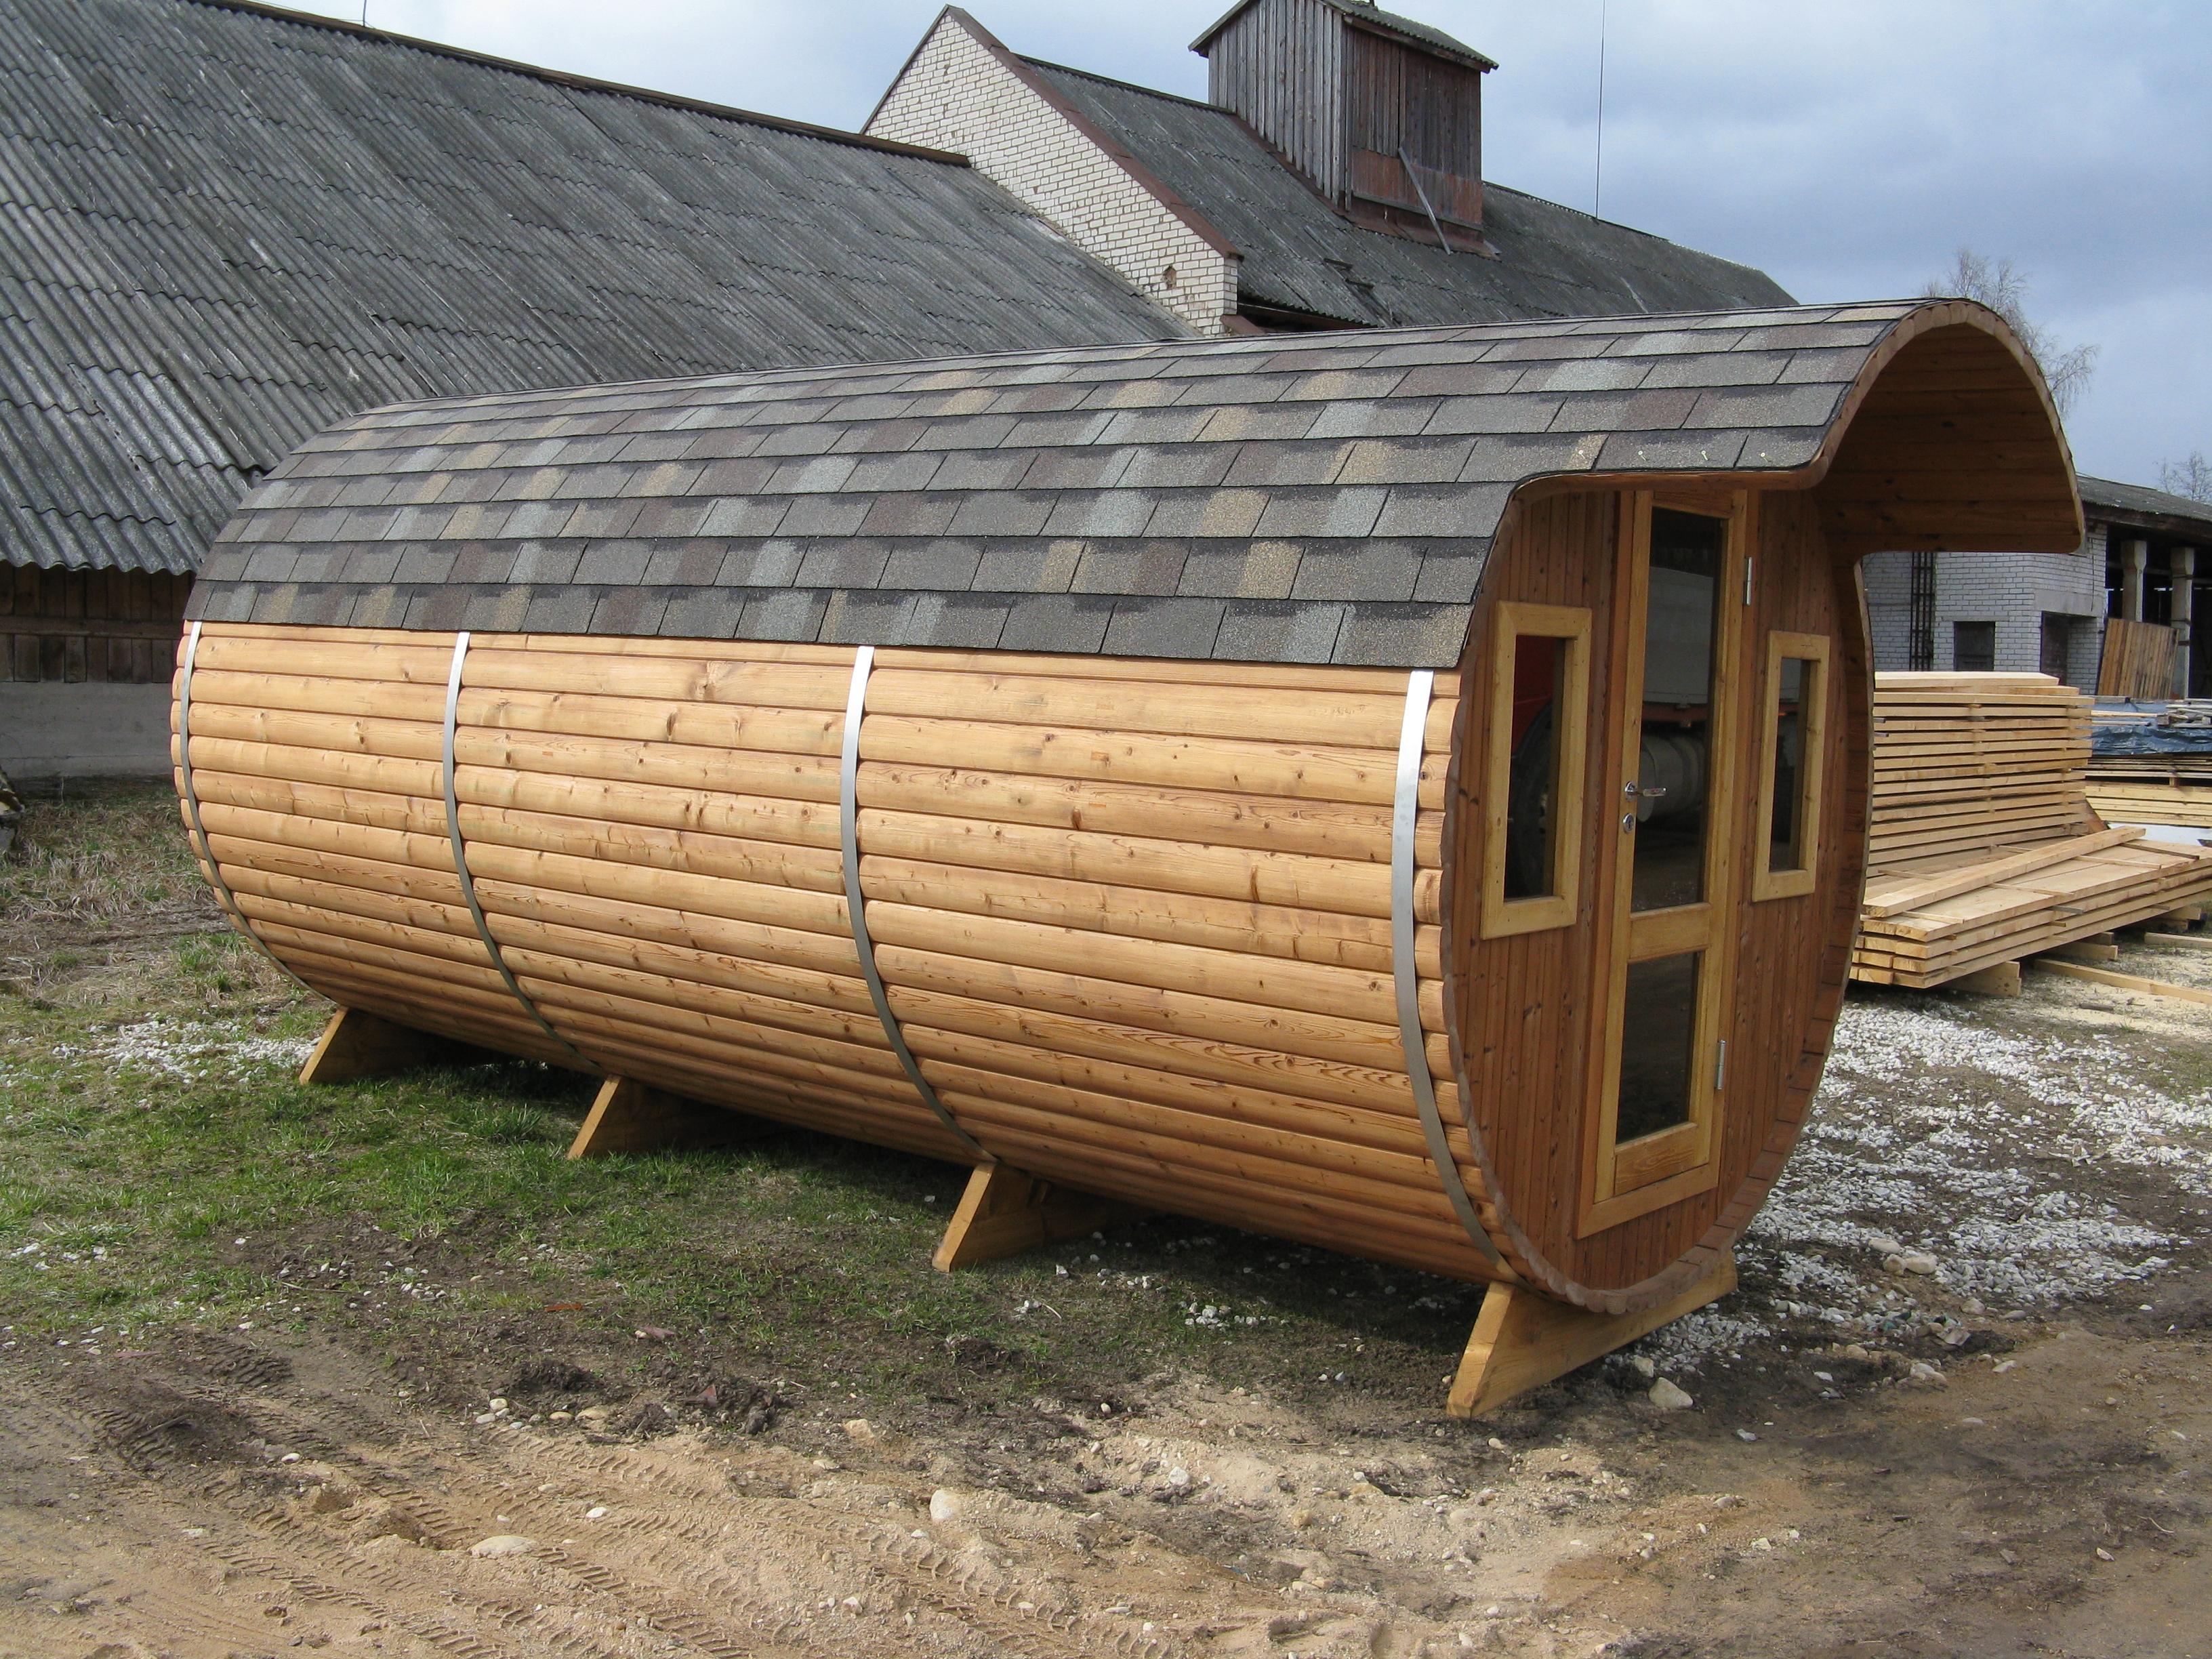 Outdoor Barrel Sauna Three Rooms Wood Fired Heater